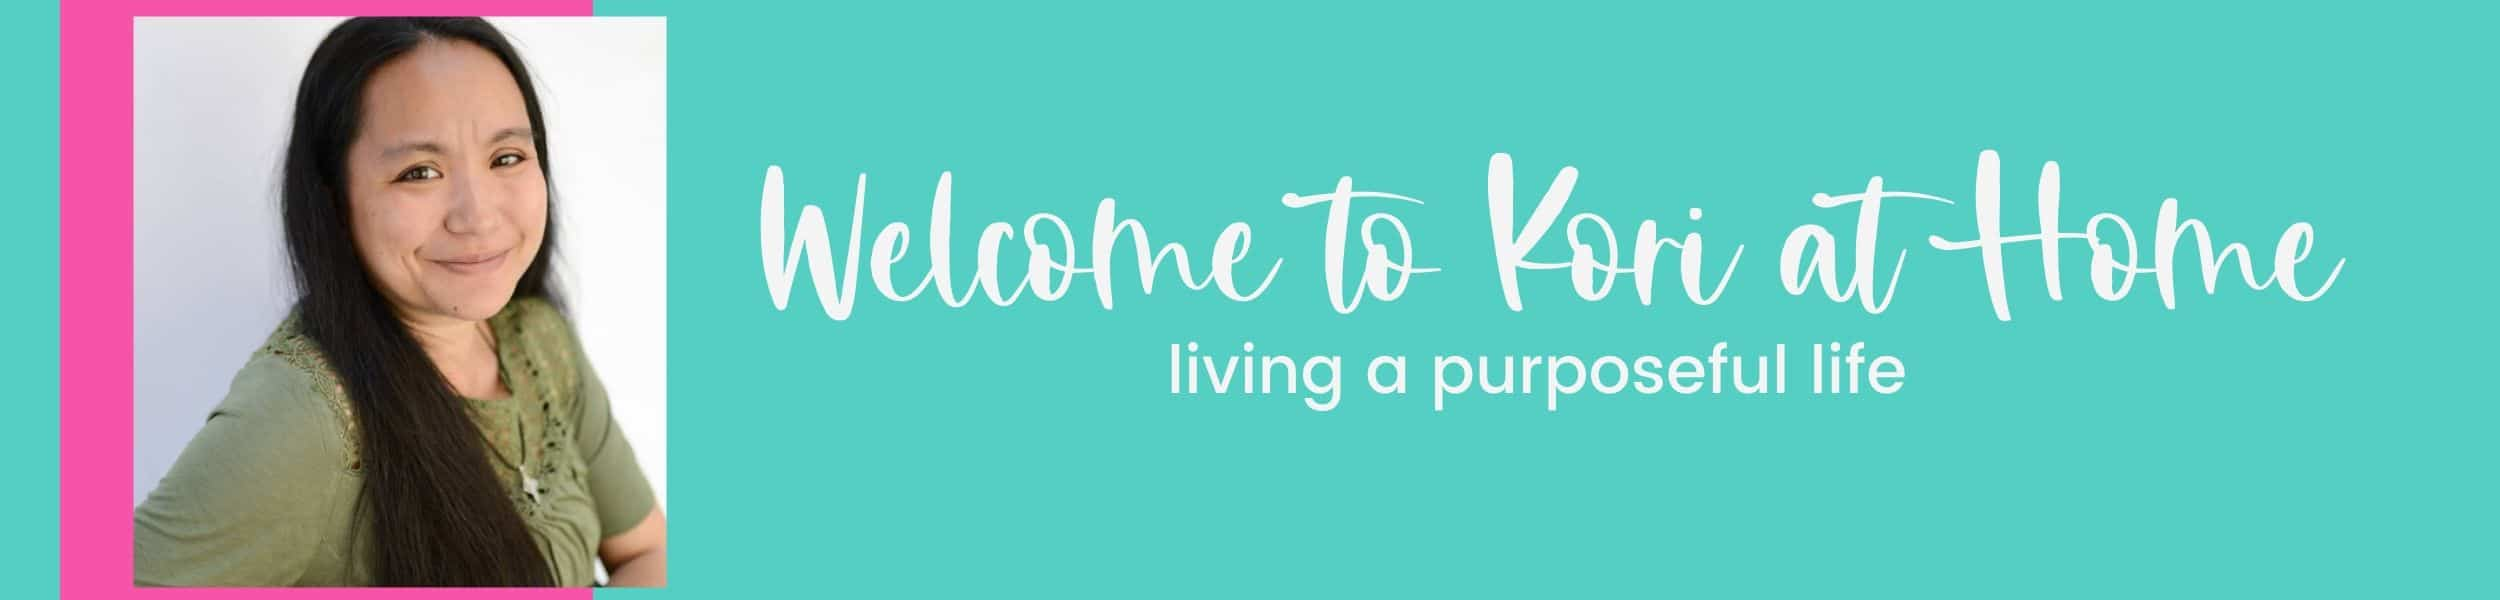 kori at home living a purposeful life